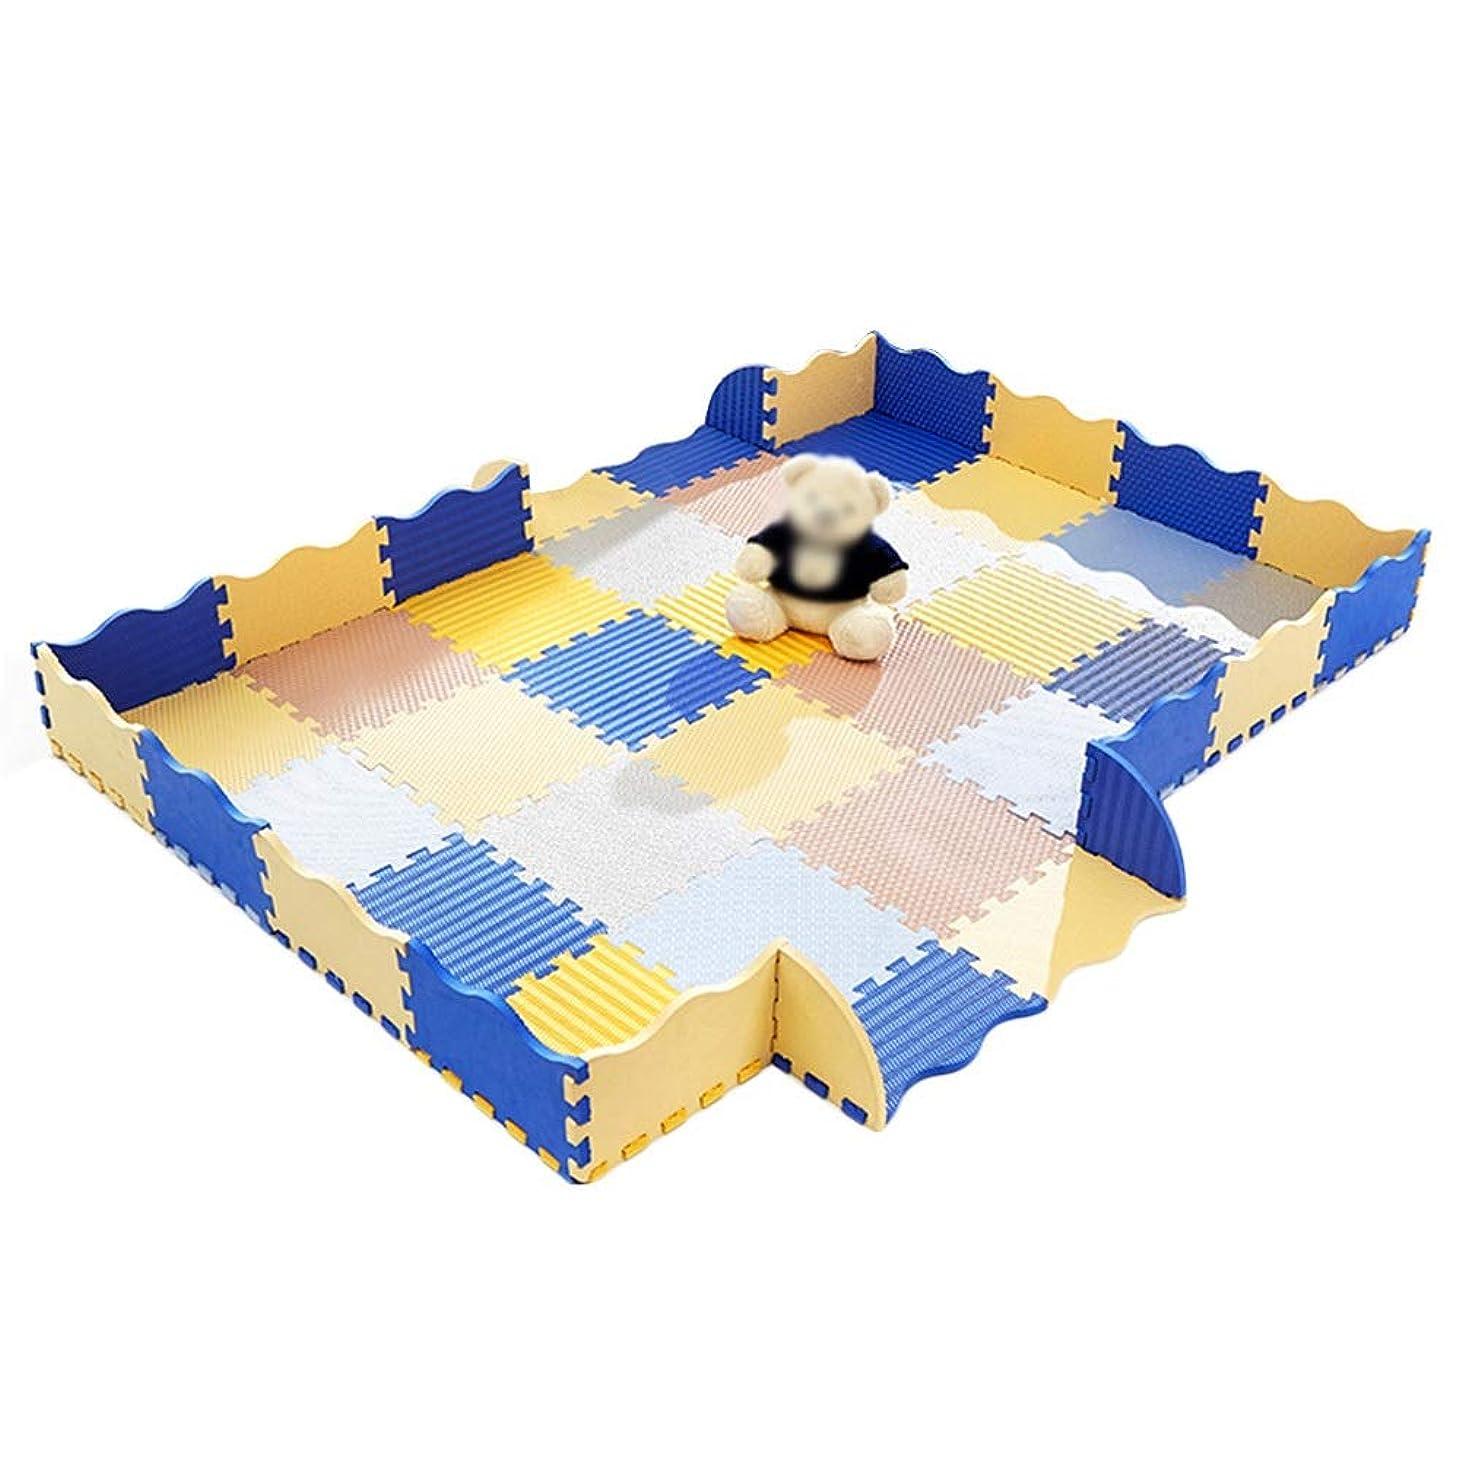 LIQICAI ジョイントマット フロアマット 子供の泡プレイマットベビープレイマットフェンス用タイル 厚い 防水性と洗える 赤ちゃんへの贈り物 (Size : 30x30x1.4cm-36 pieces)